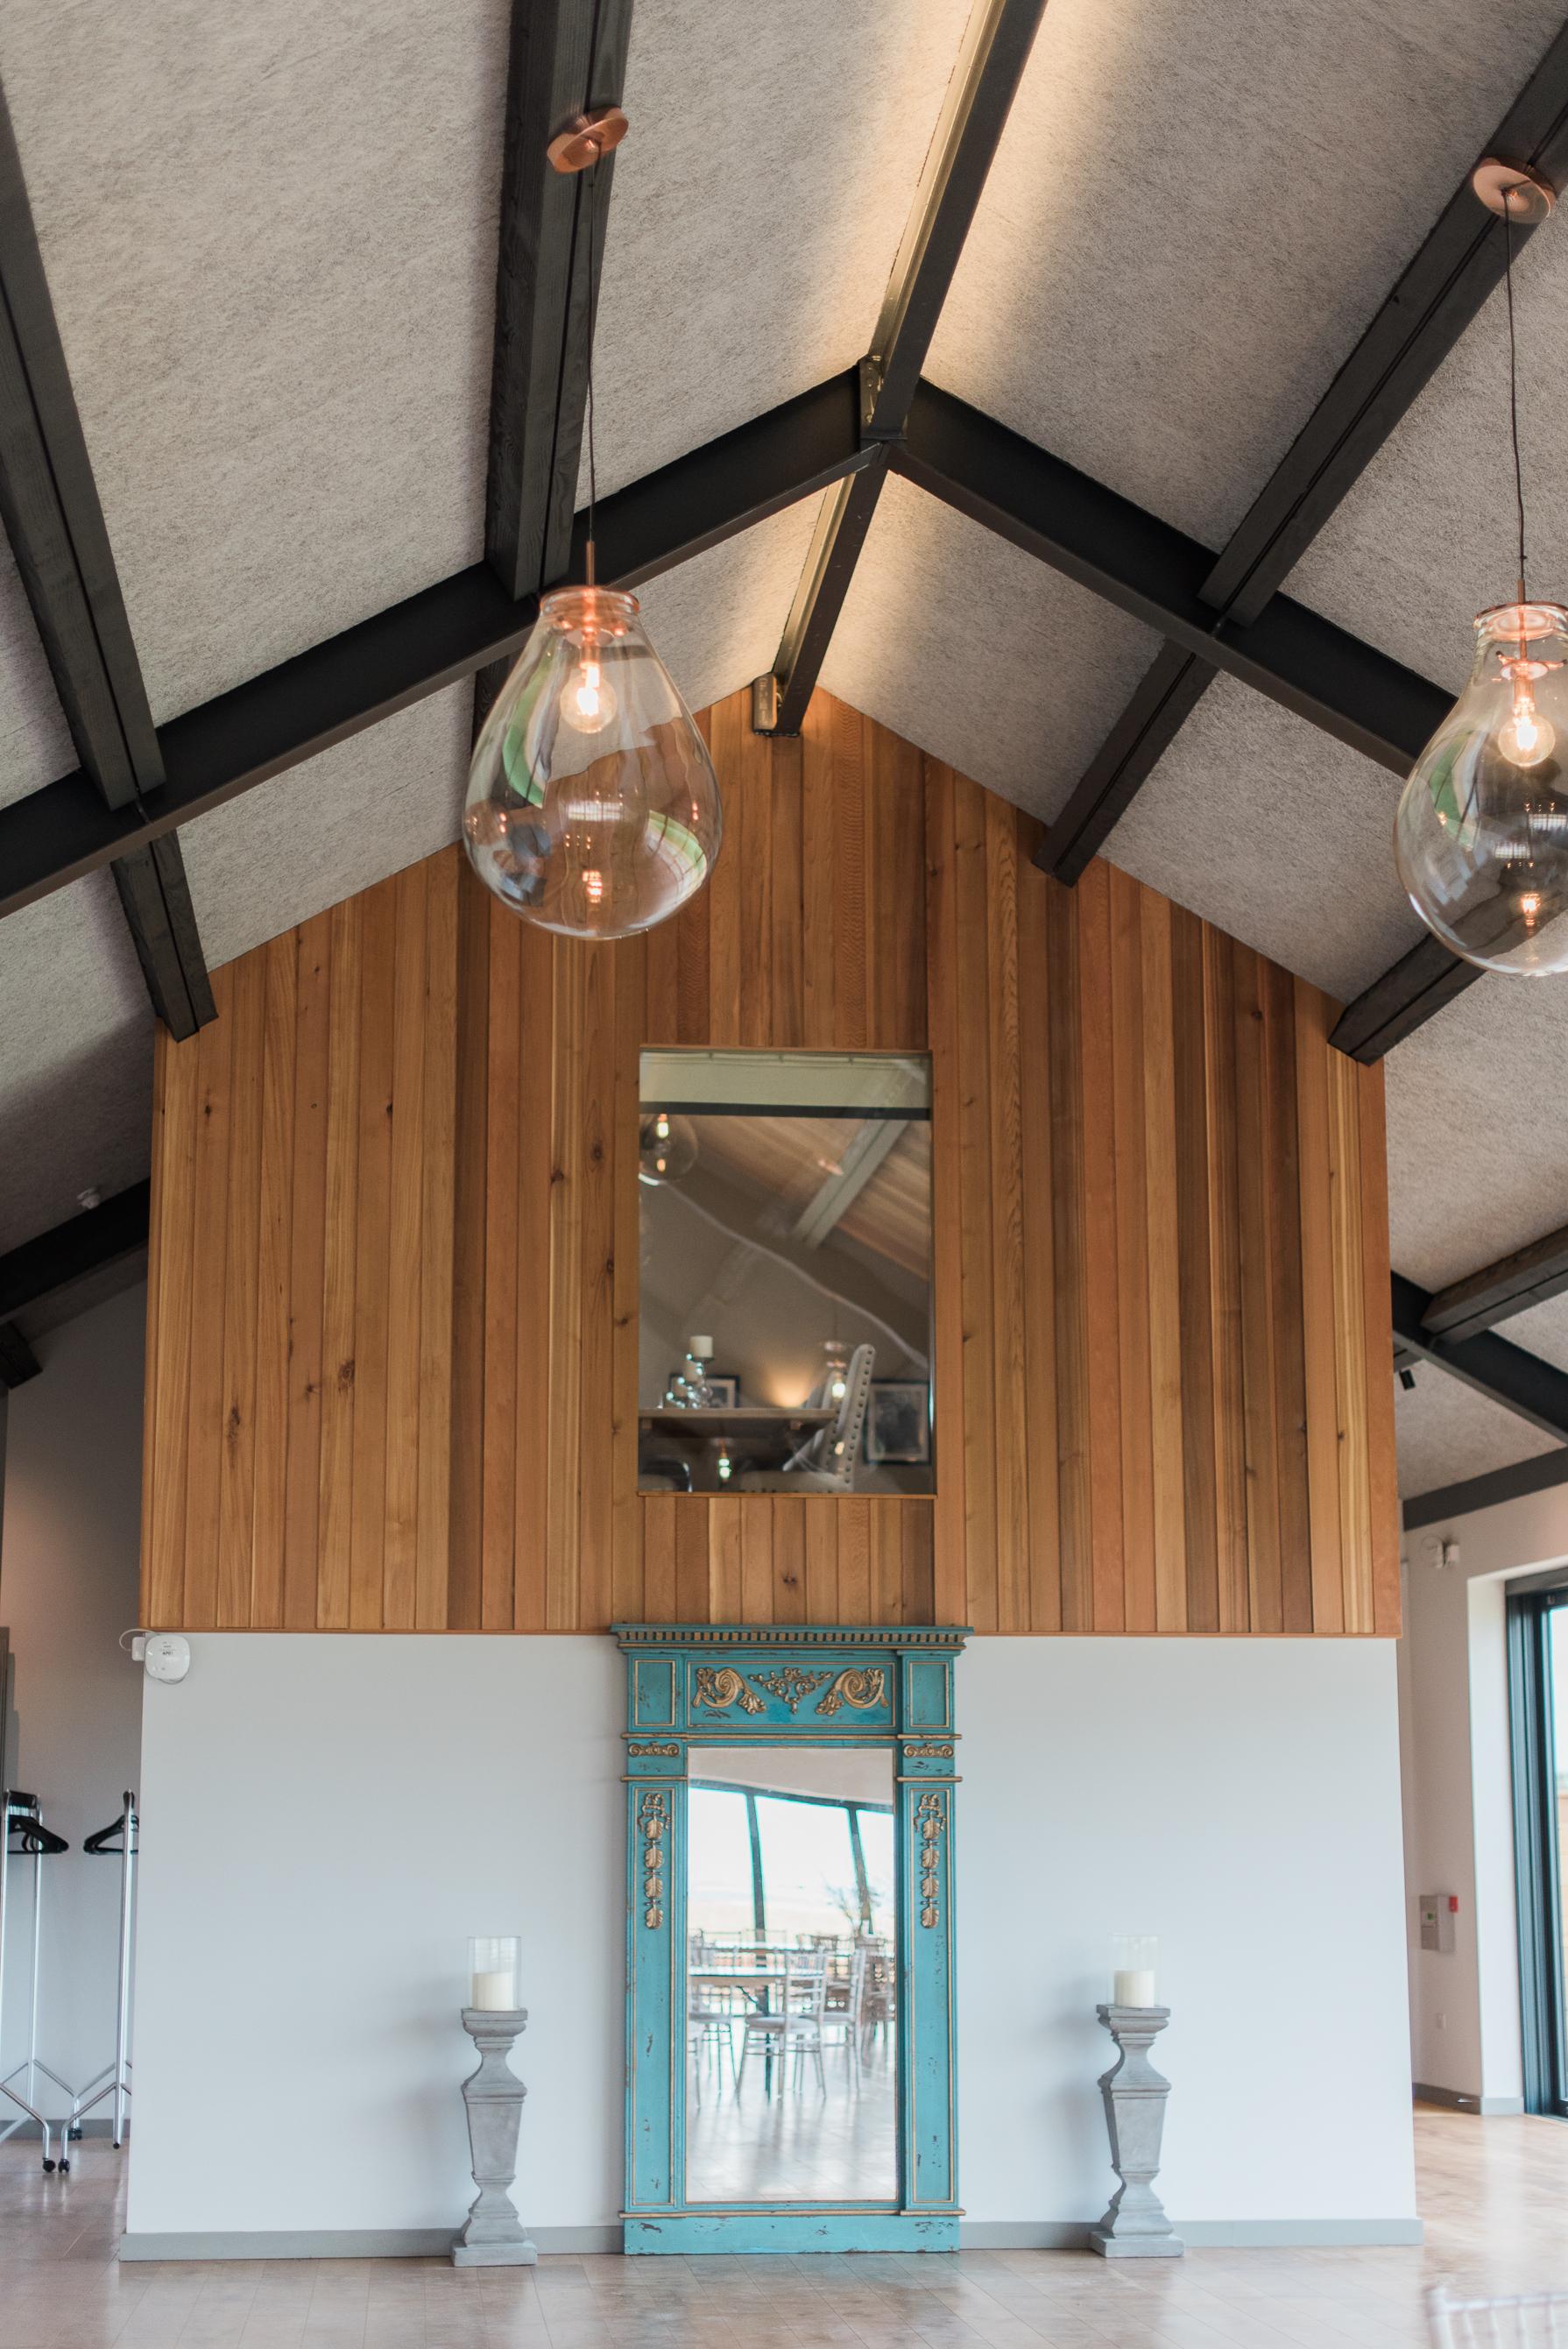 interior decor at casterley barn wedding venue